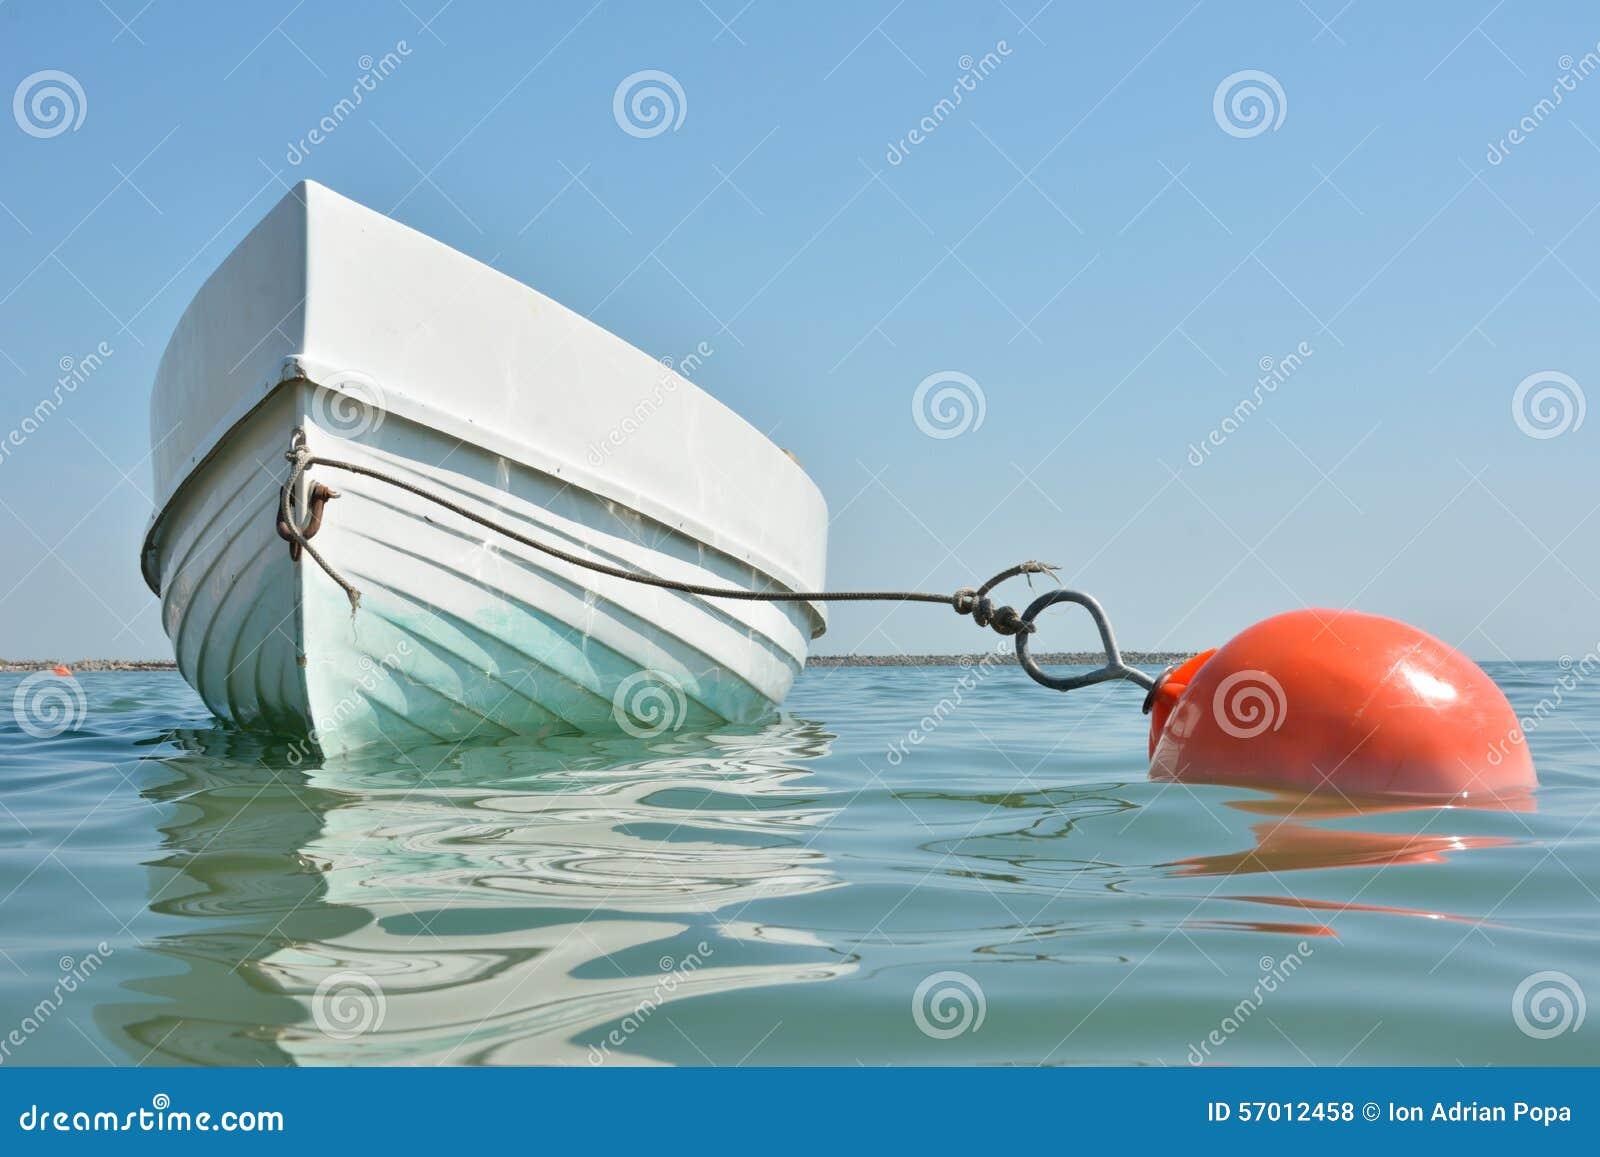 Boat Anchored Floating Stock Photo - Image: 57012458